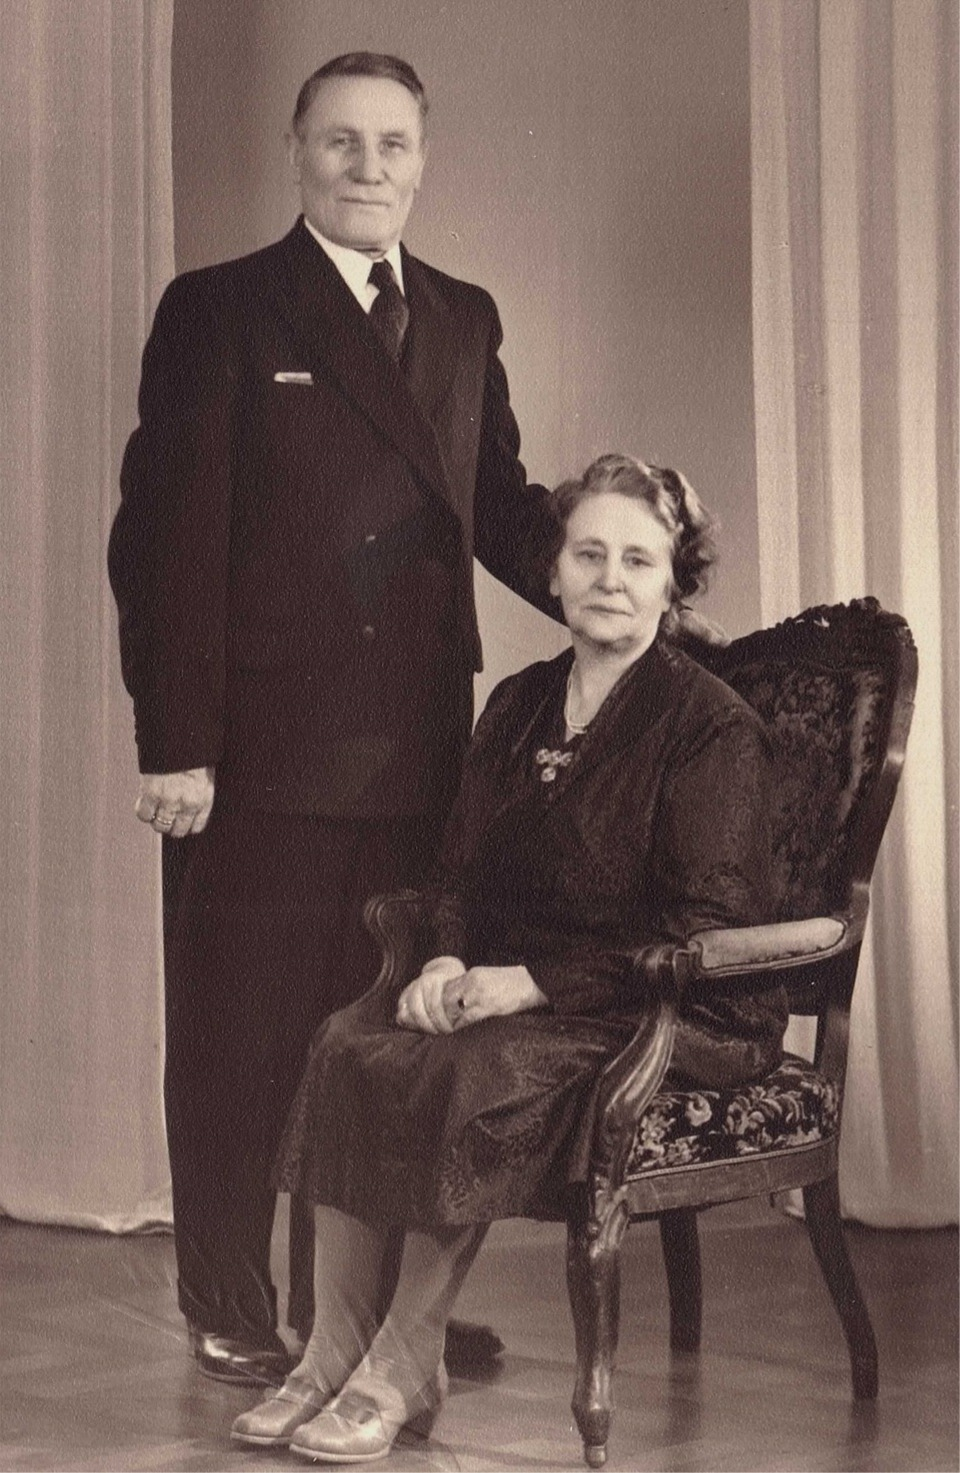 Här Emil och Ida Båsk, någon gång på 1950-talet.